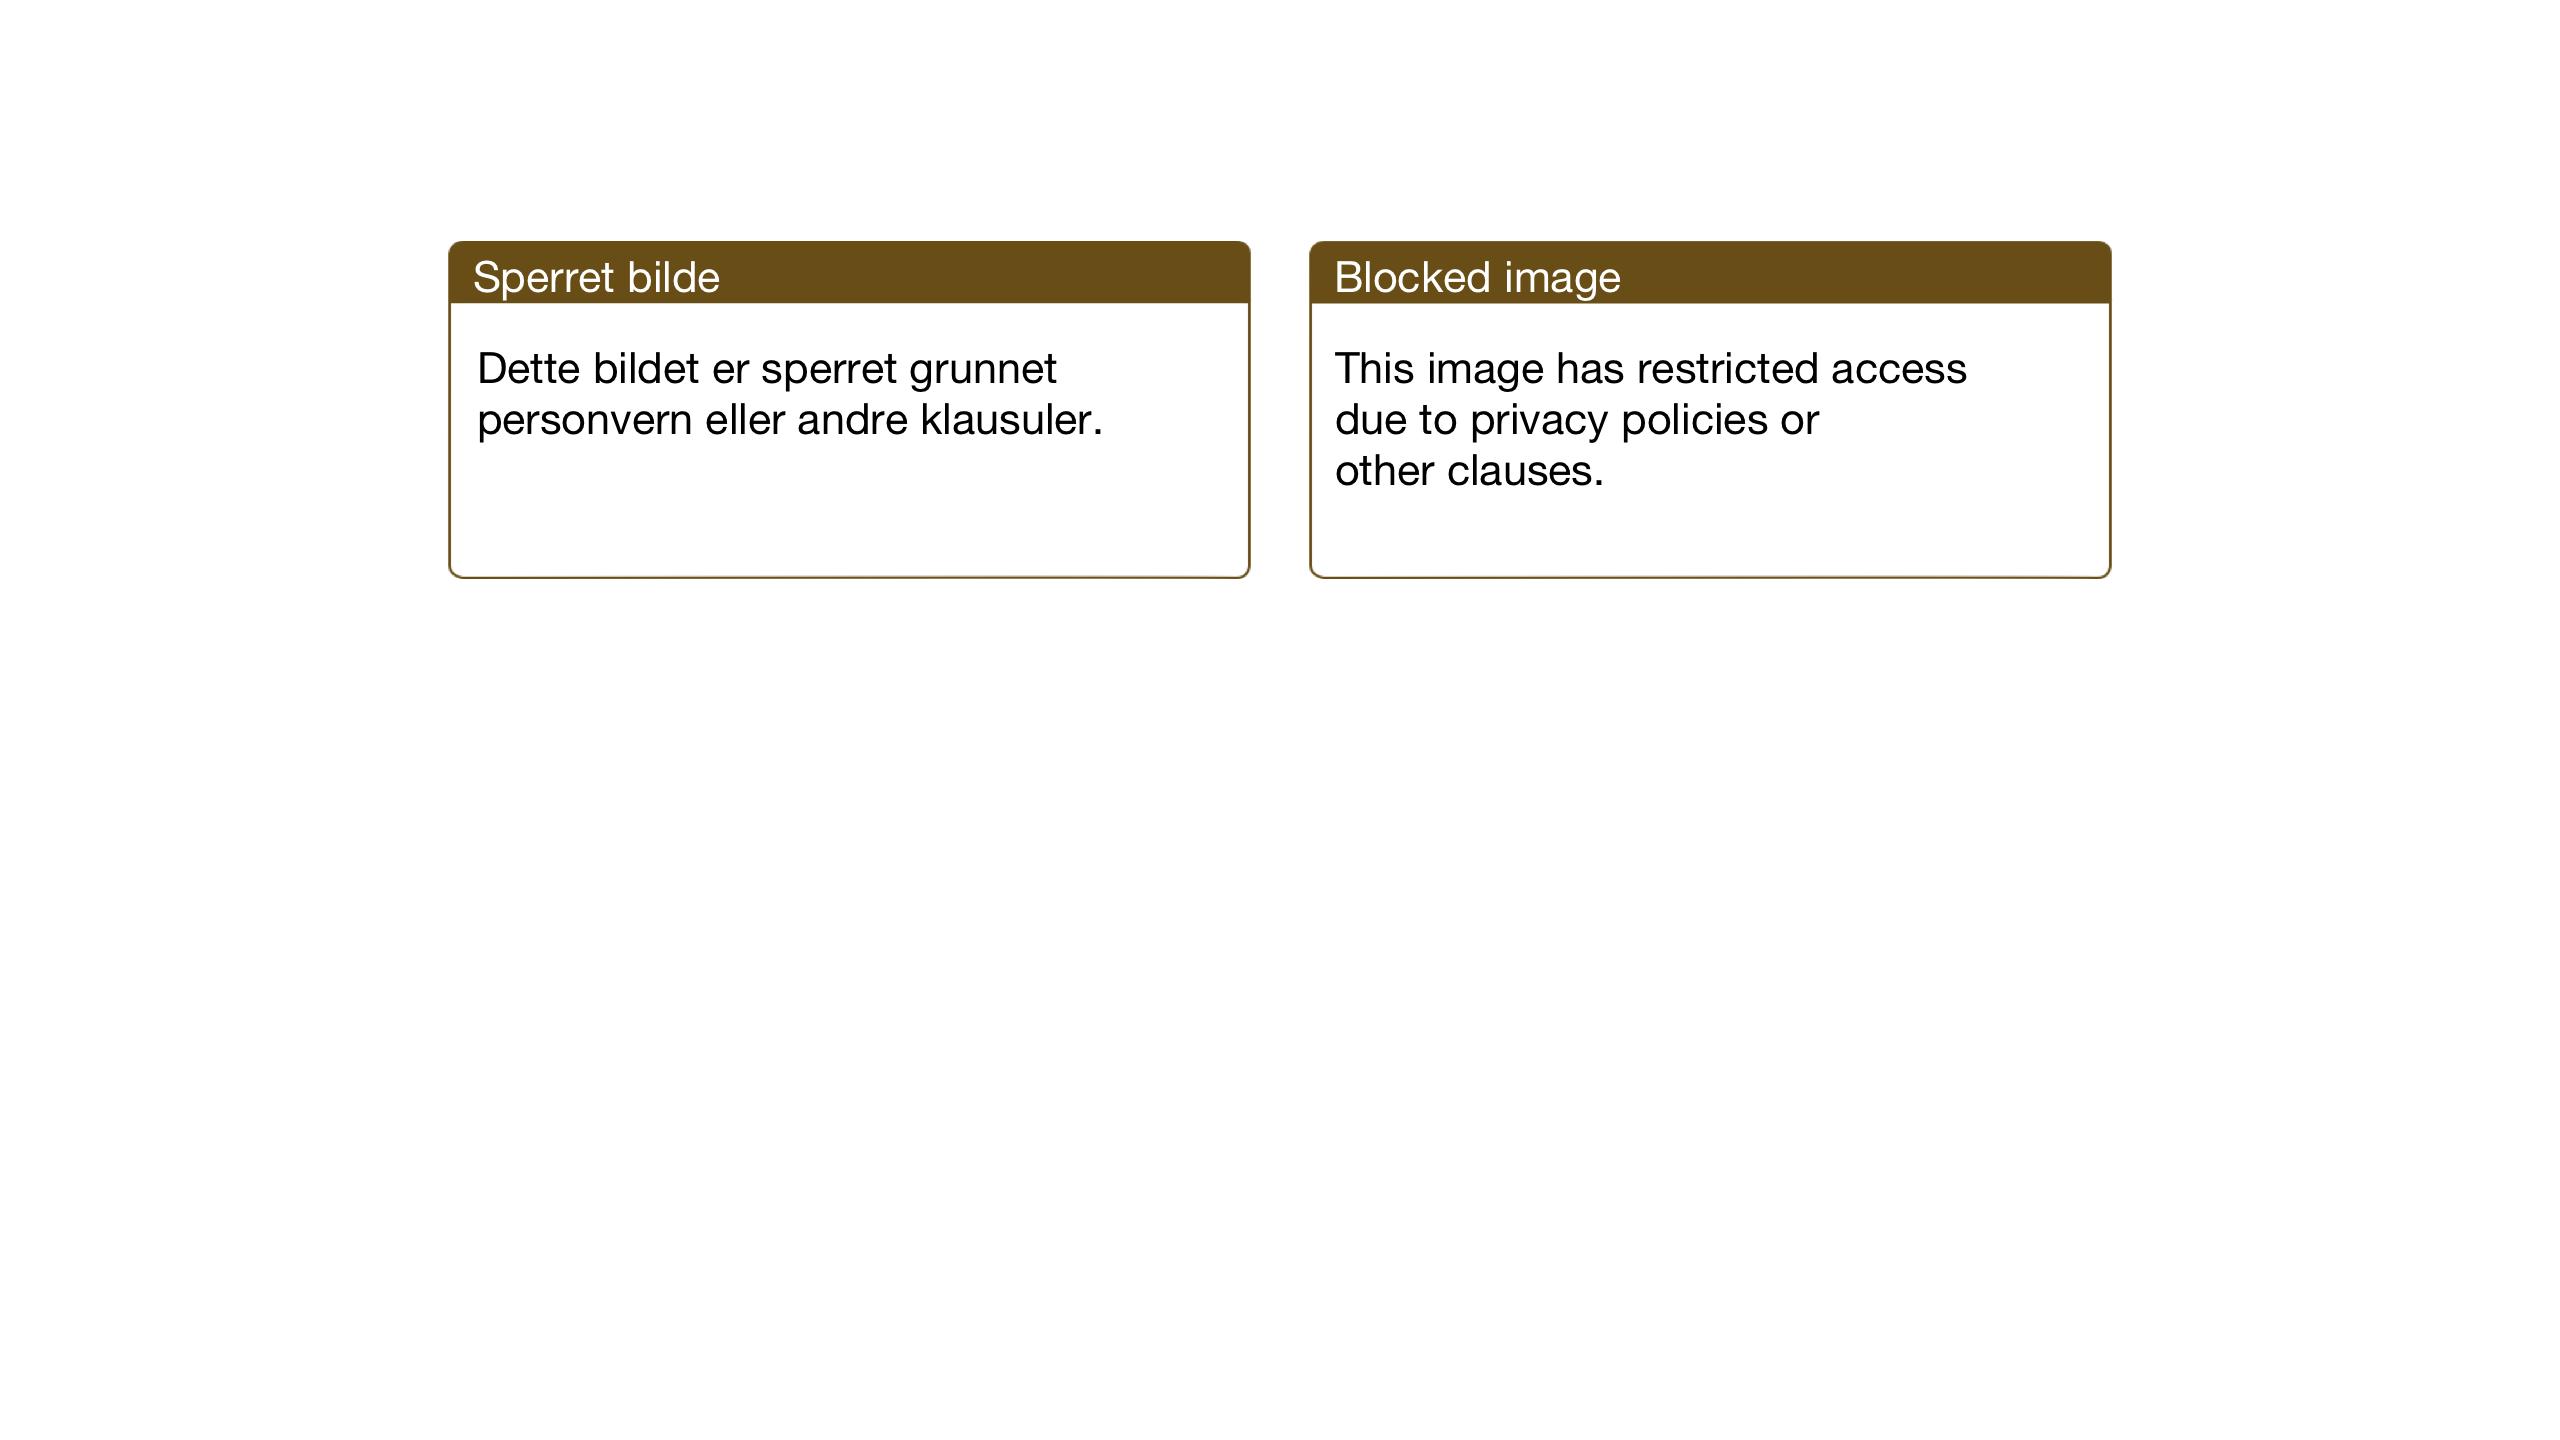 SAT, Ministerialprotokoller, klokkerbøker og fødselsregistre - Sør-Trøndelag, 602/L0151: Klokkerbok nr. 602C19, 1925-1951, s. 143